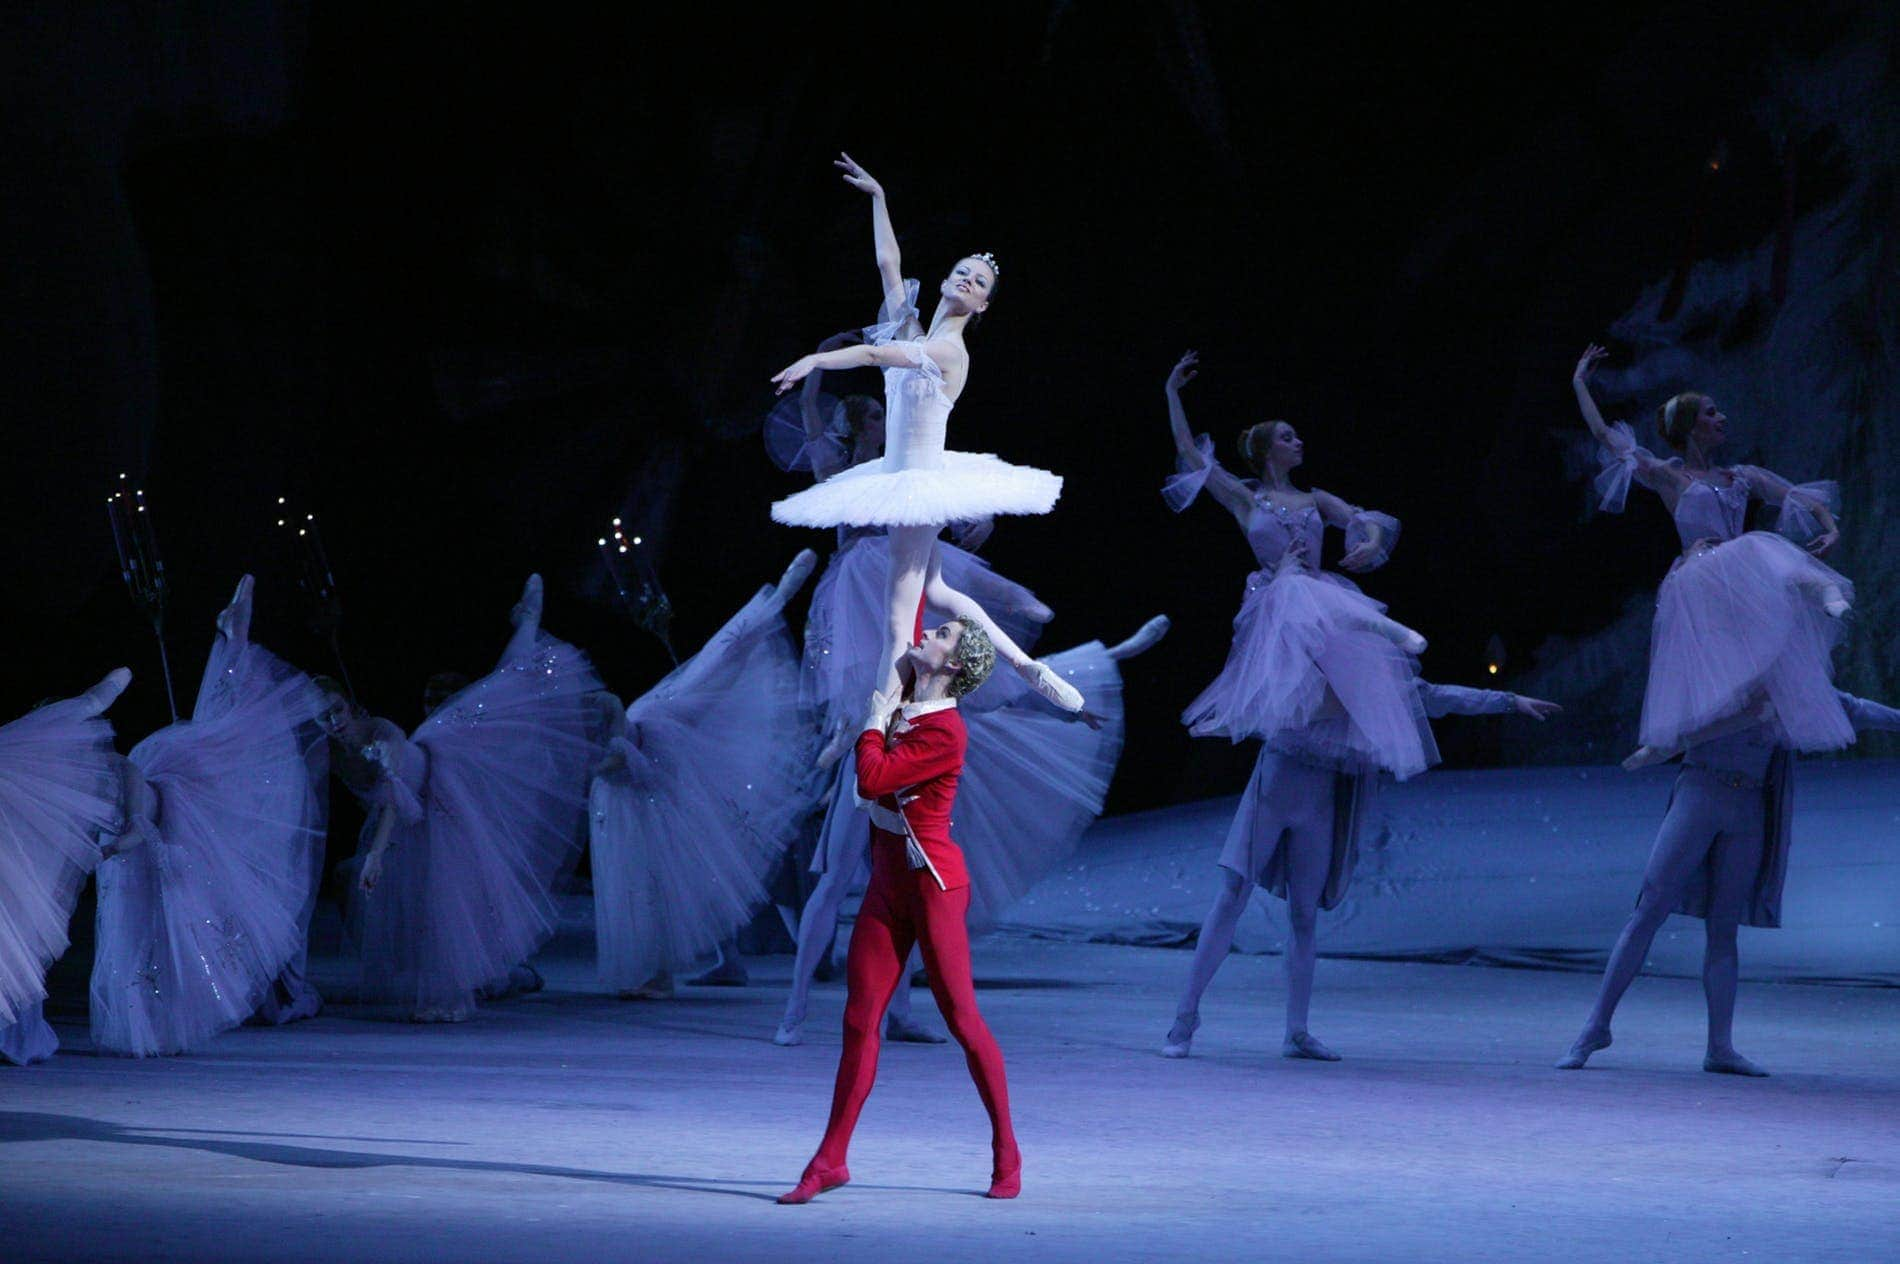 """Сцена из балета """"Щелкунчик"""" в постановке Юрия Григоровича. Нина Капцова, Александр Волчков. Фото - Дамир Юсупов"""